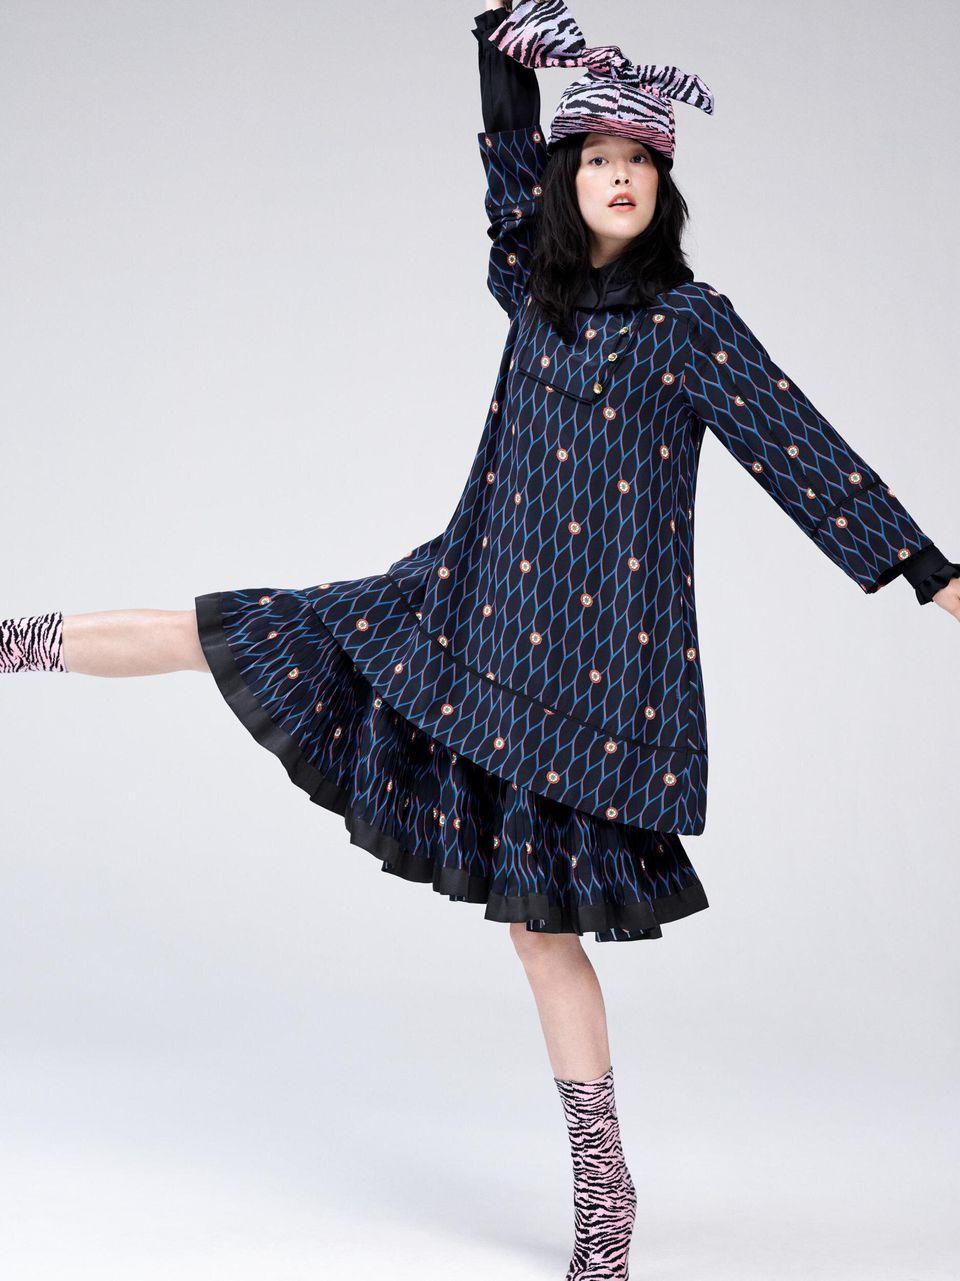 Έρχεται η συλλογή KENZO x H&M και αυτά είναι τα κομμάτια που θα θέλαμε να κάνουμε δικά